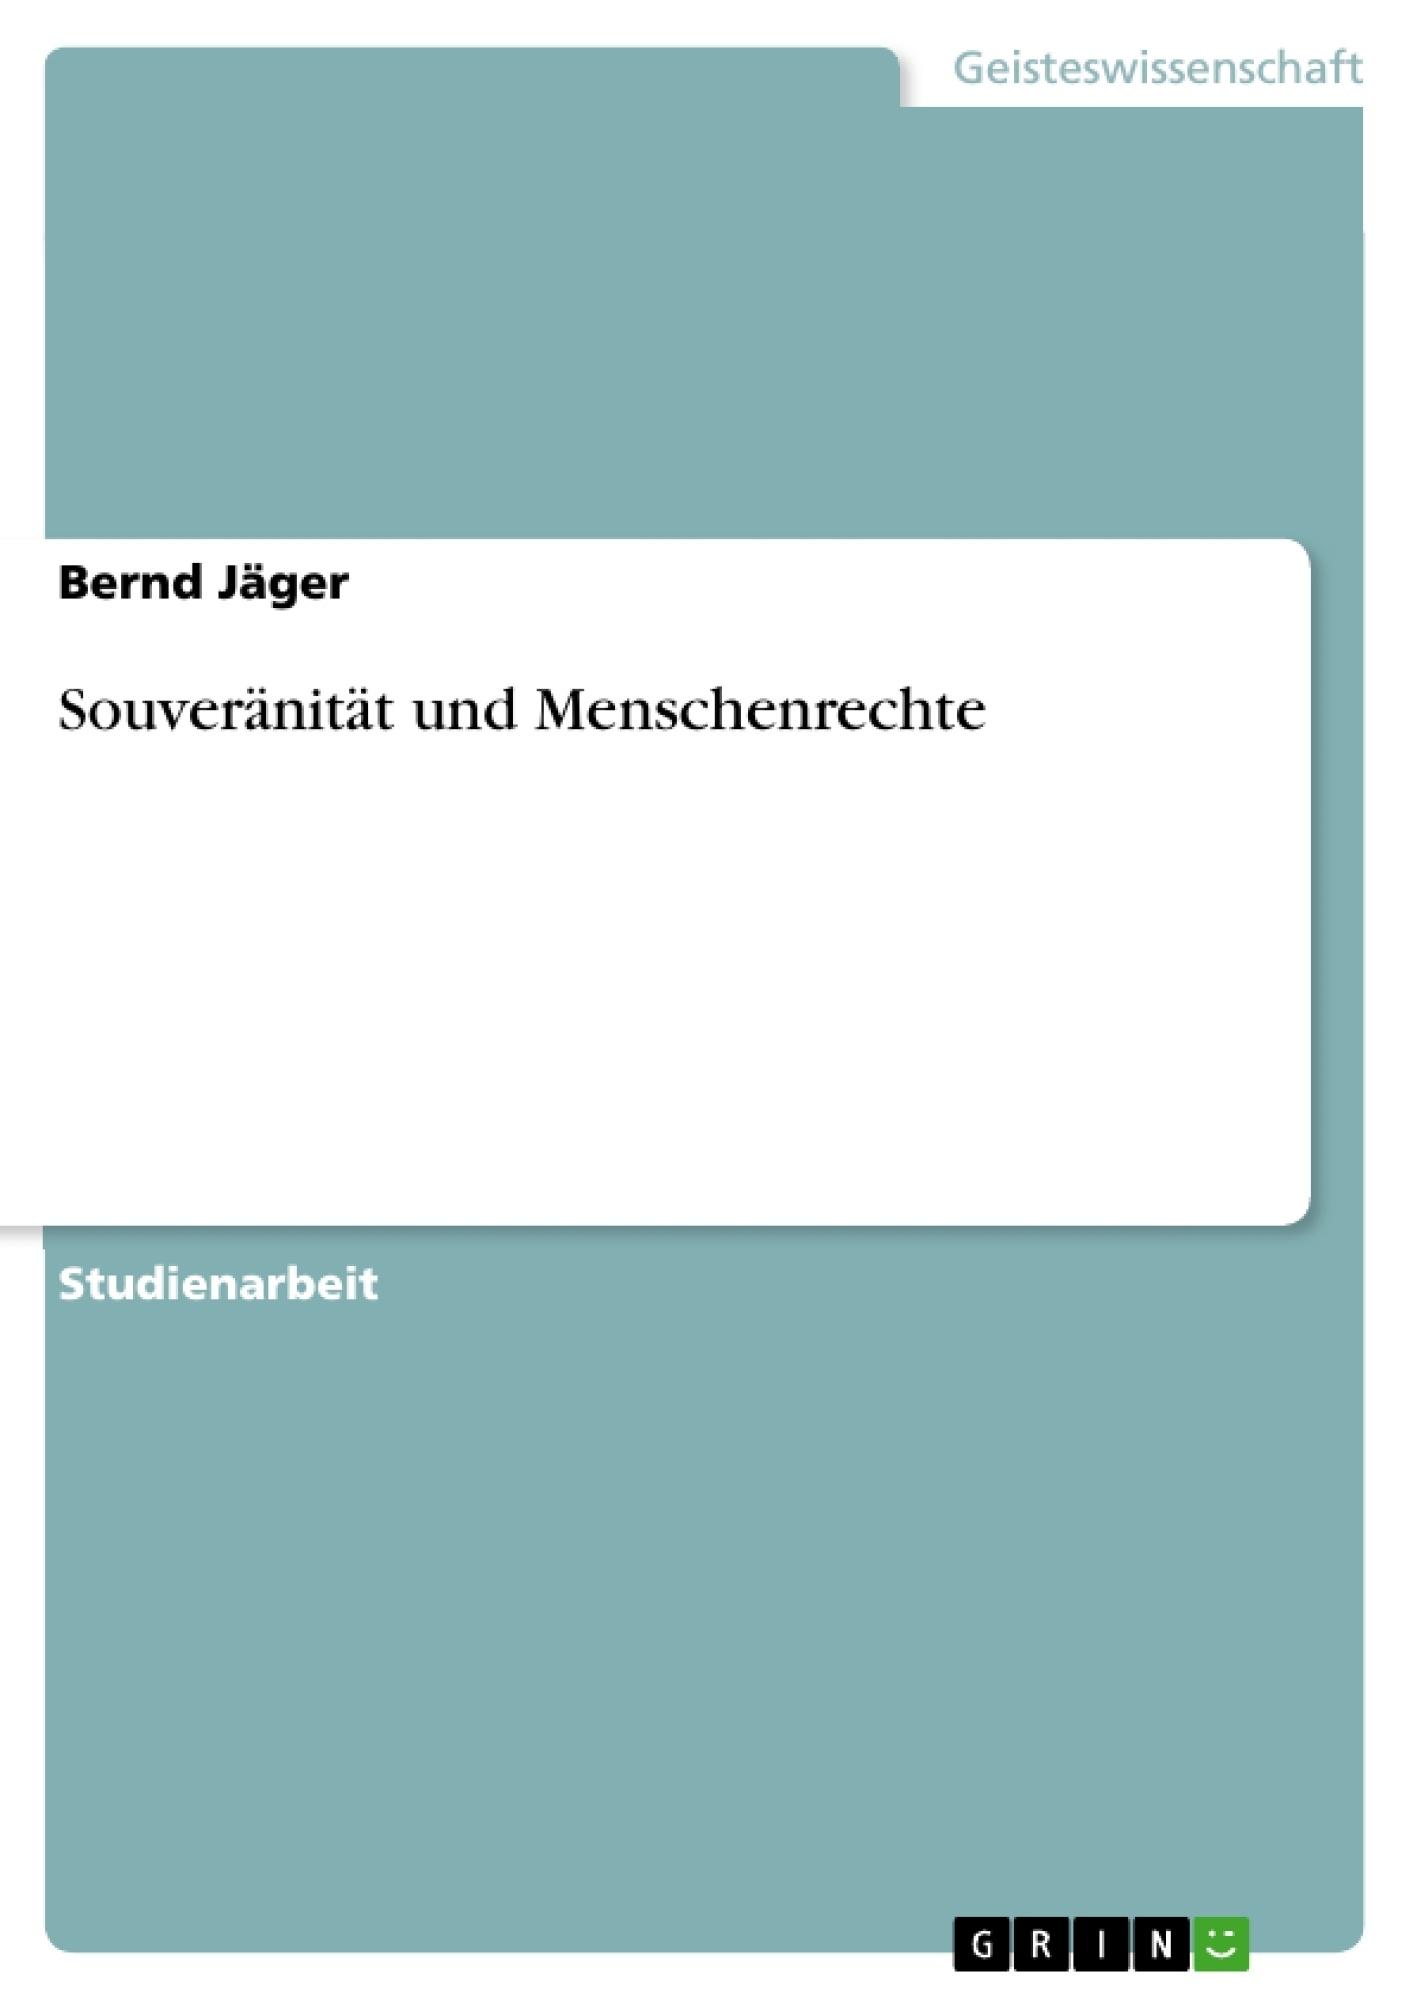 Titel: Souveränität und Menschenrechte